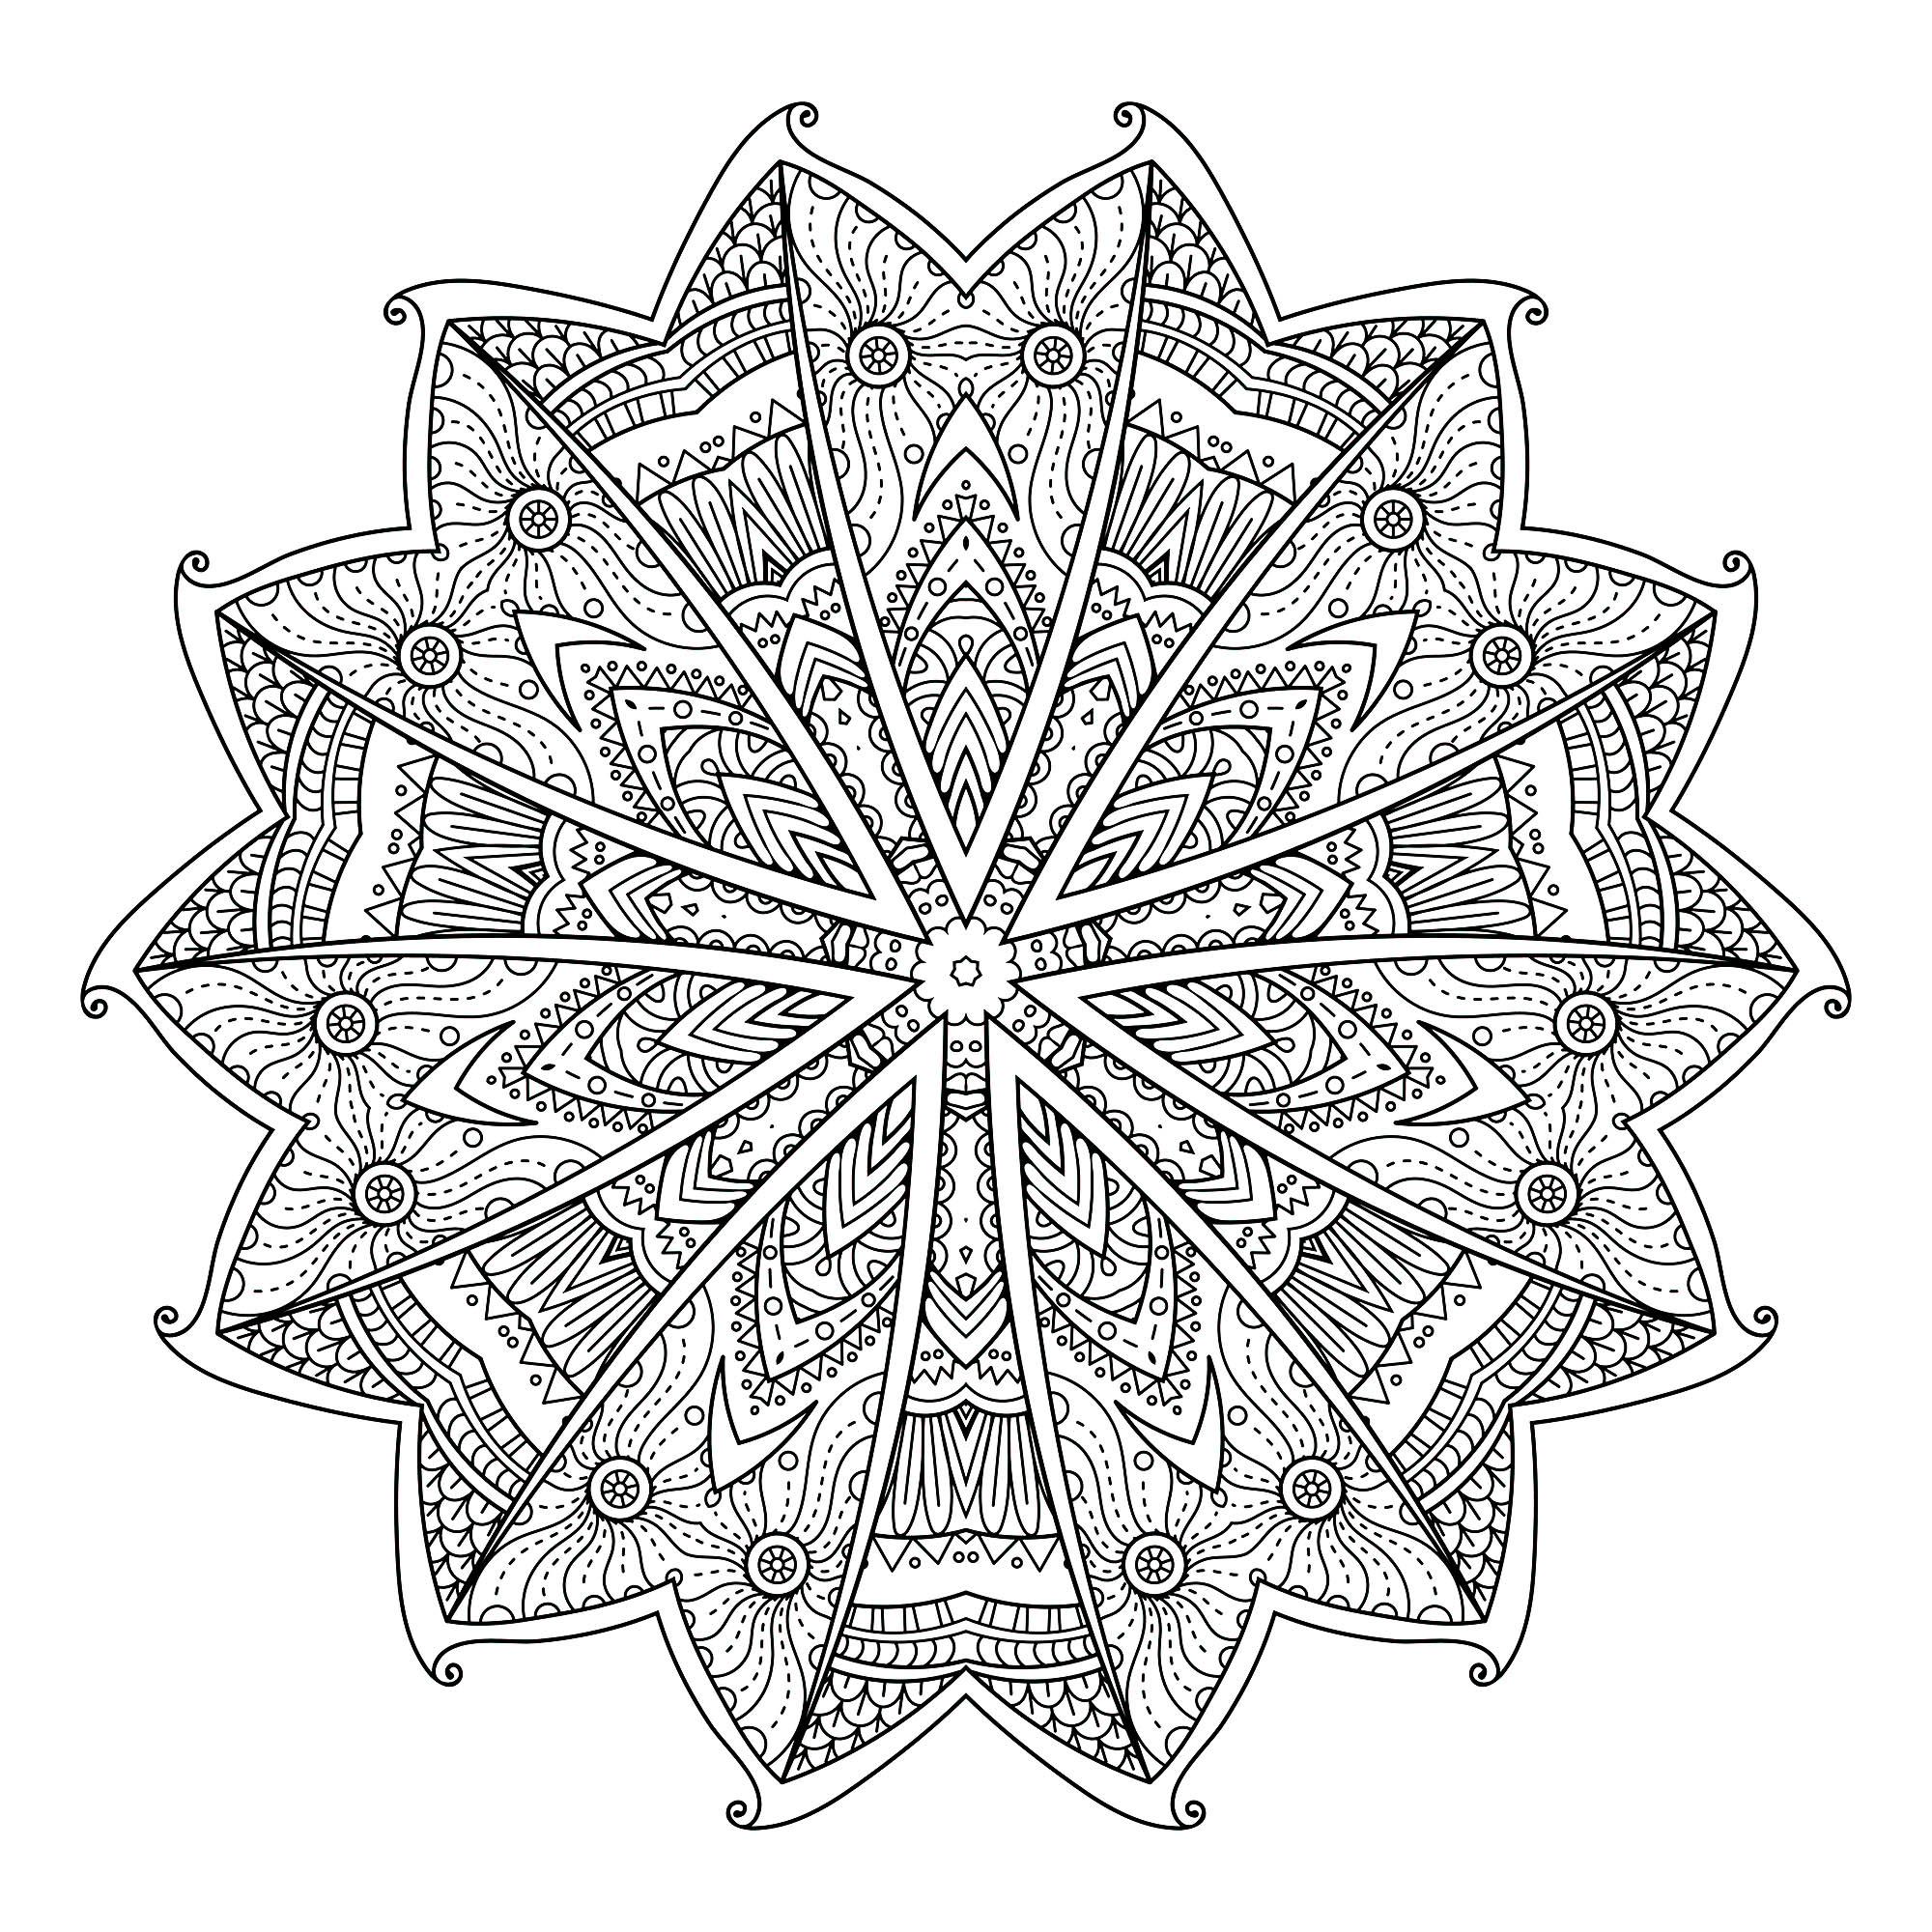 Mandala étoilé - Mandalas - Coloriages difficiles pour adultes